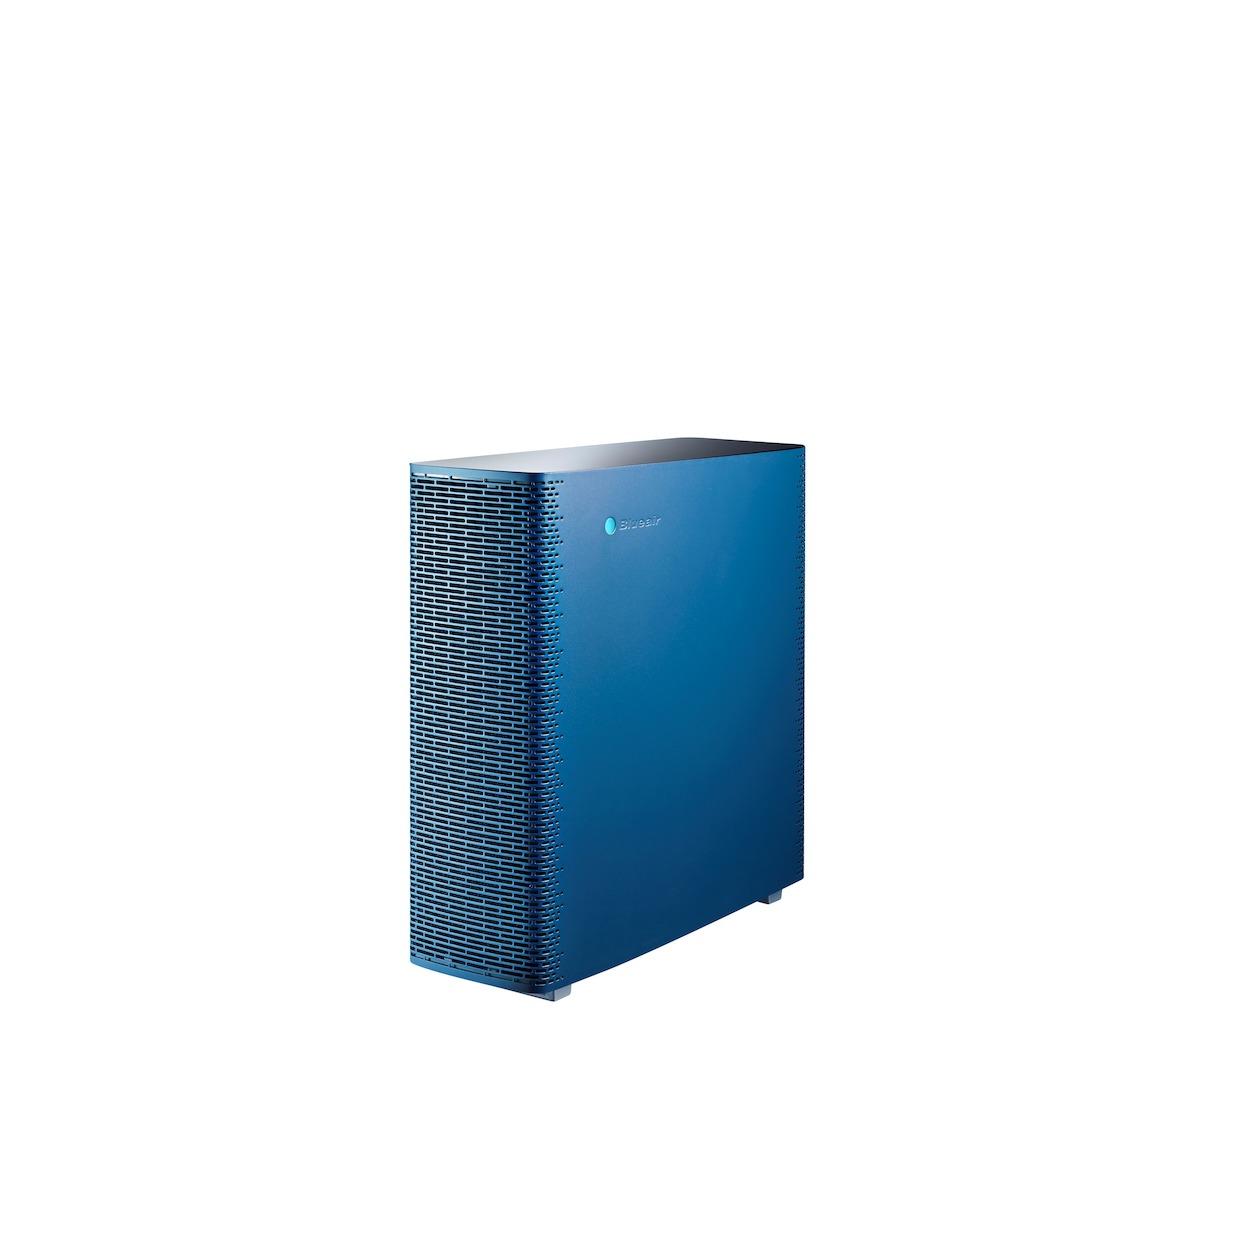 Blueair luchtreiniger Sense+ blauw